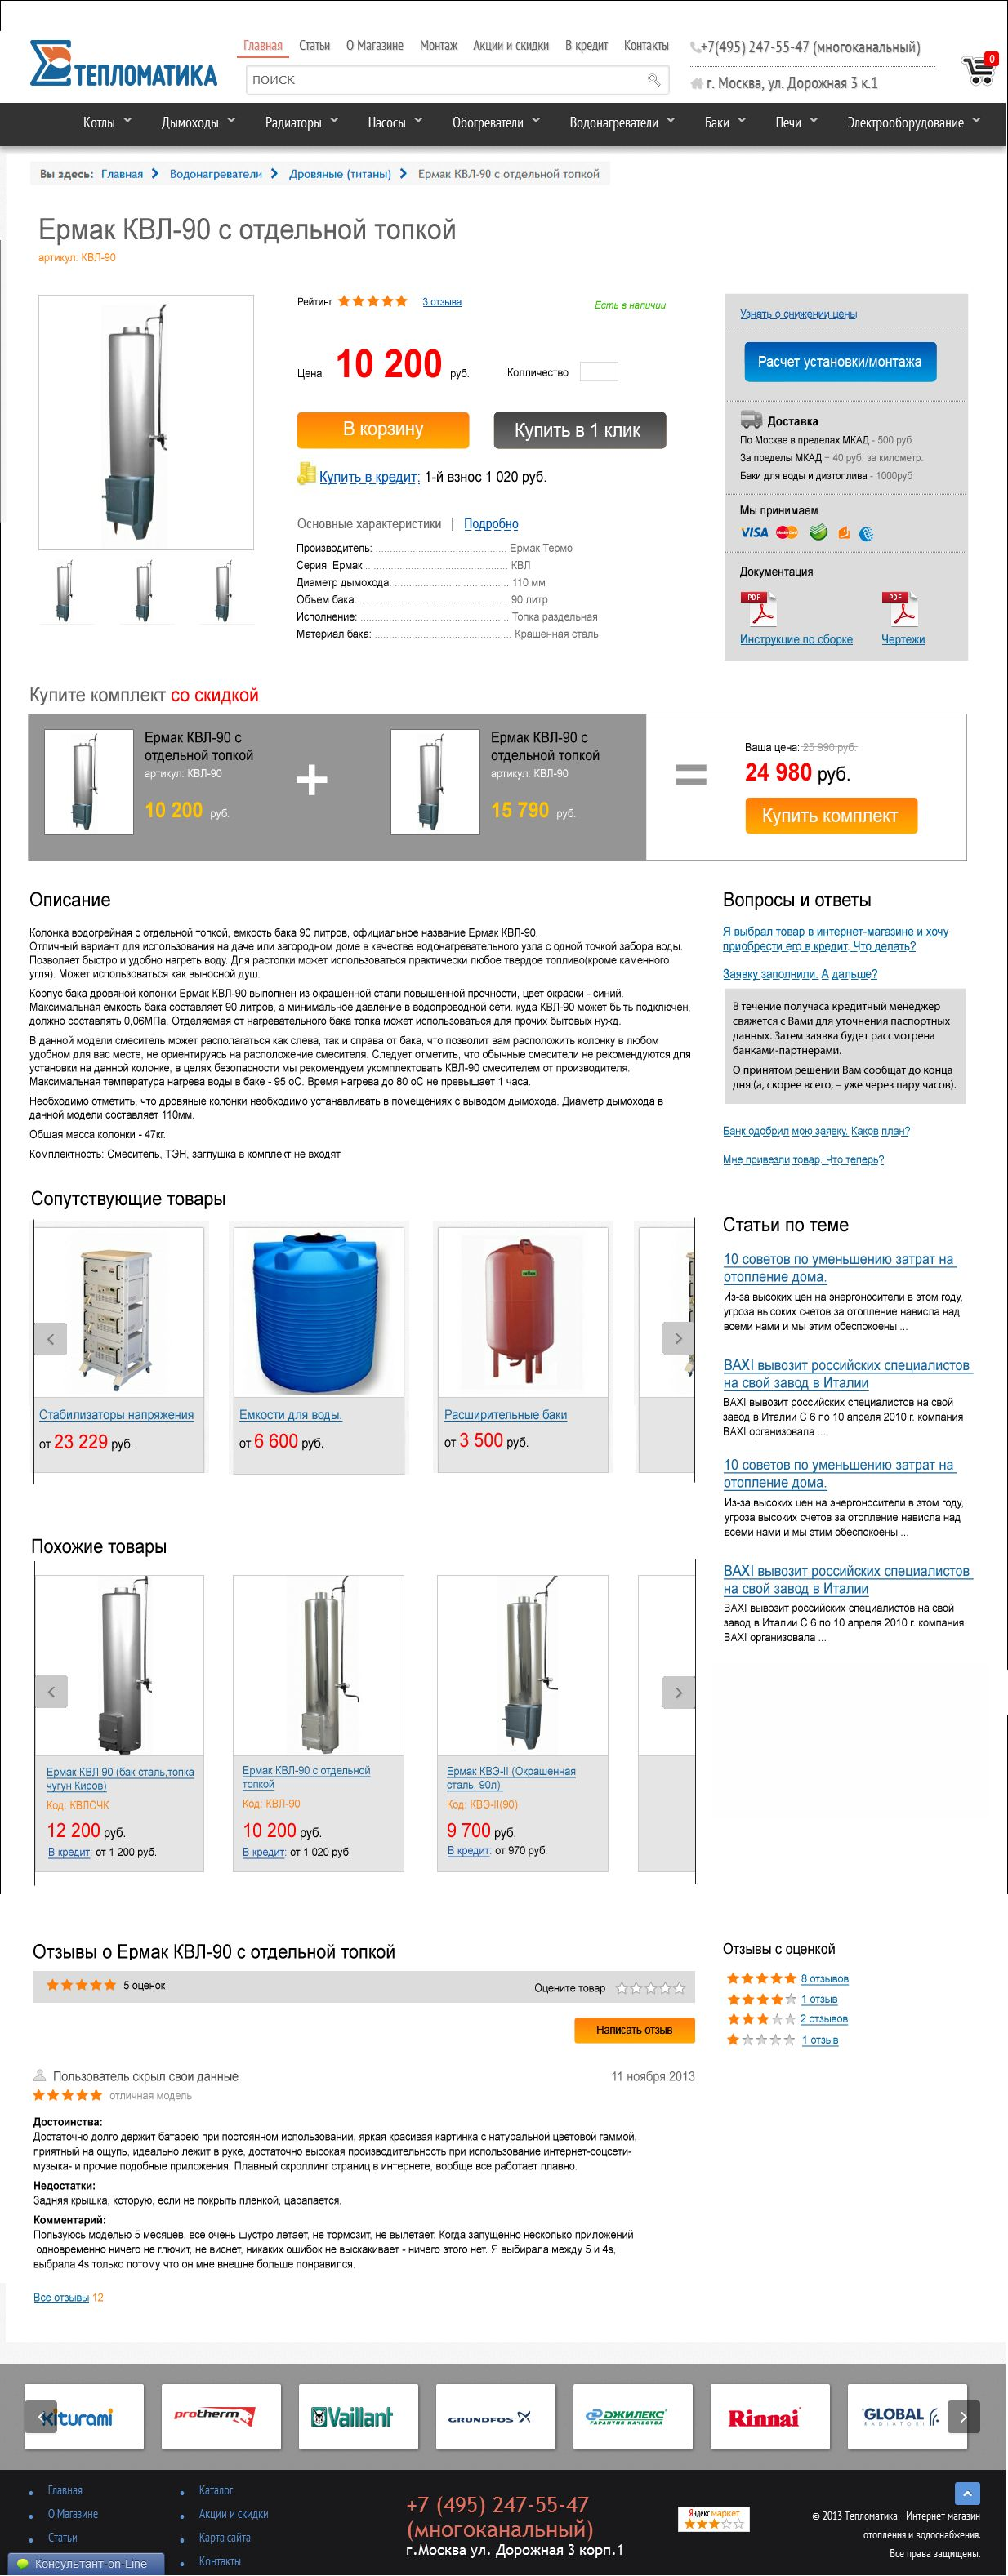 Дизайн продуктовой страницы интернет-магазина - дизайнер shark_del